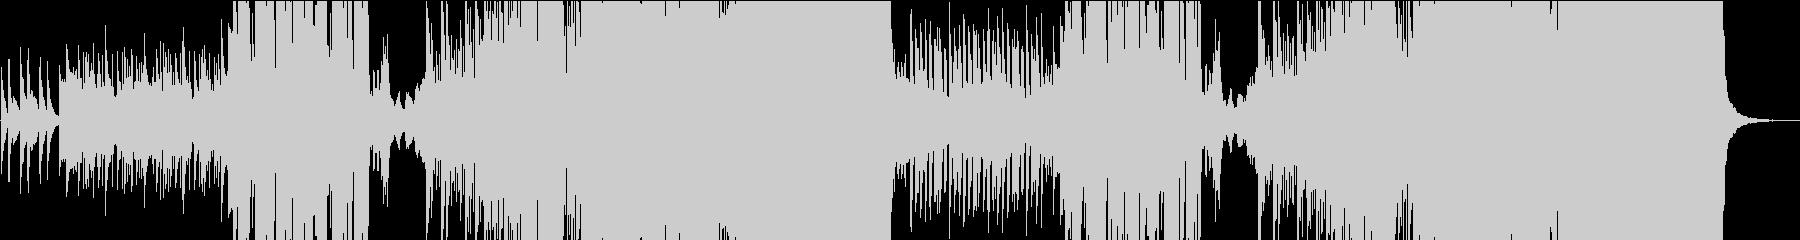 琴で奏でるFuture Bassの和風曲の未再生の波形